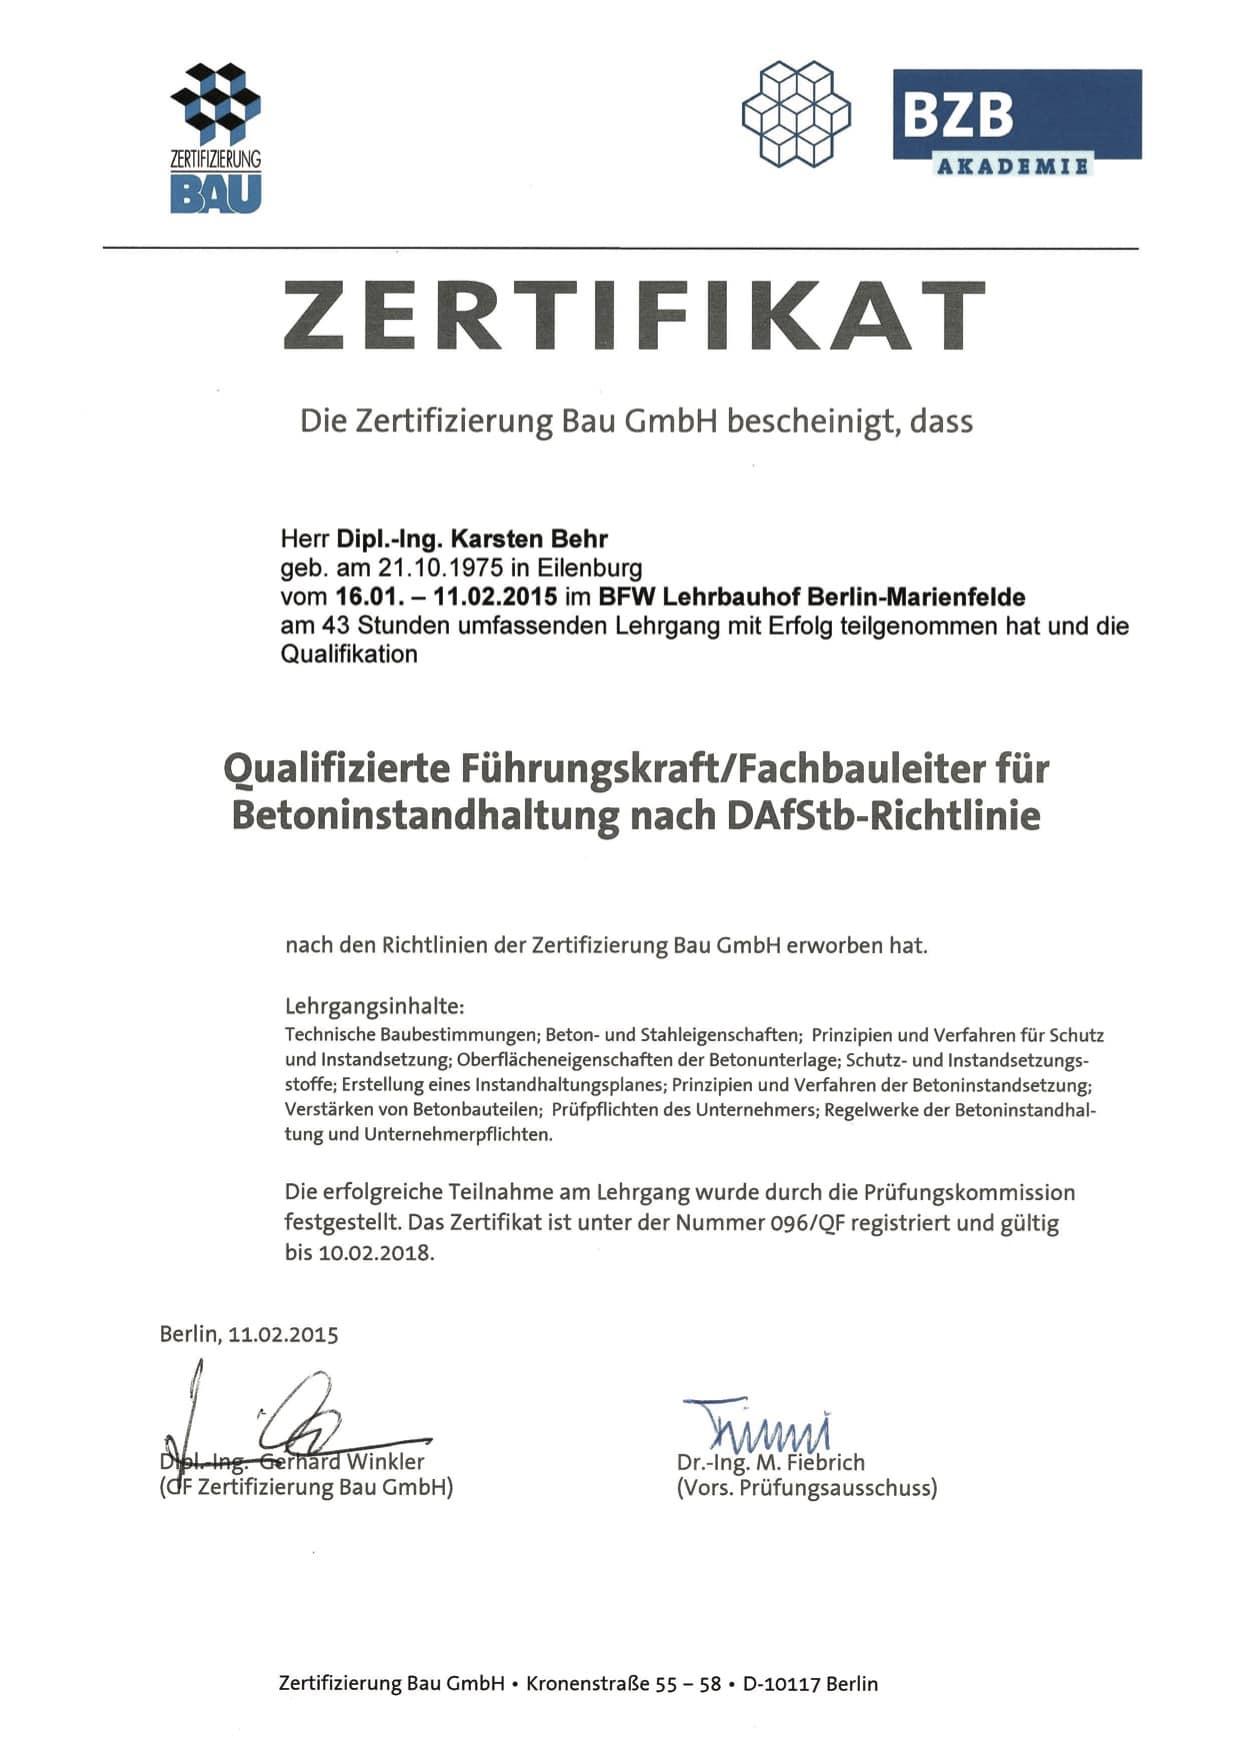 Karsten Behr - Qualifizierte Führungskraft